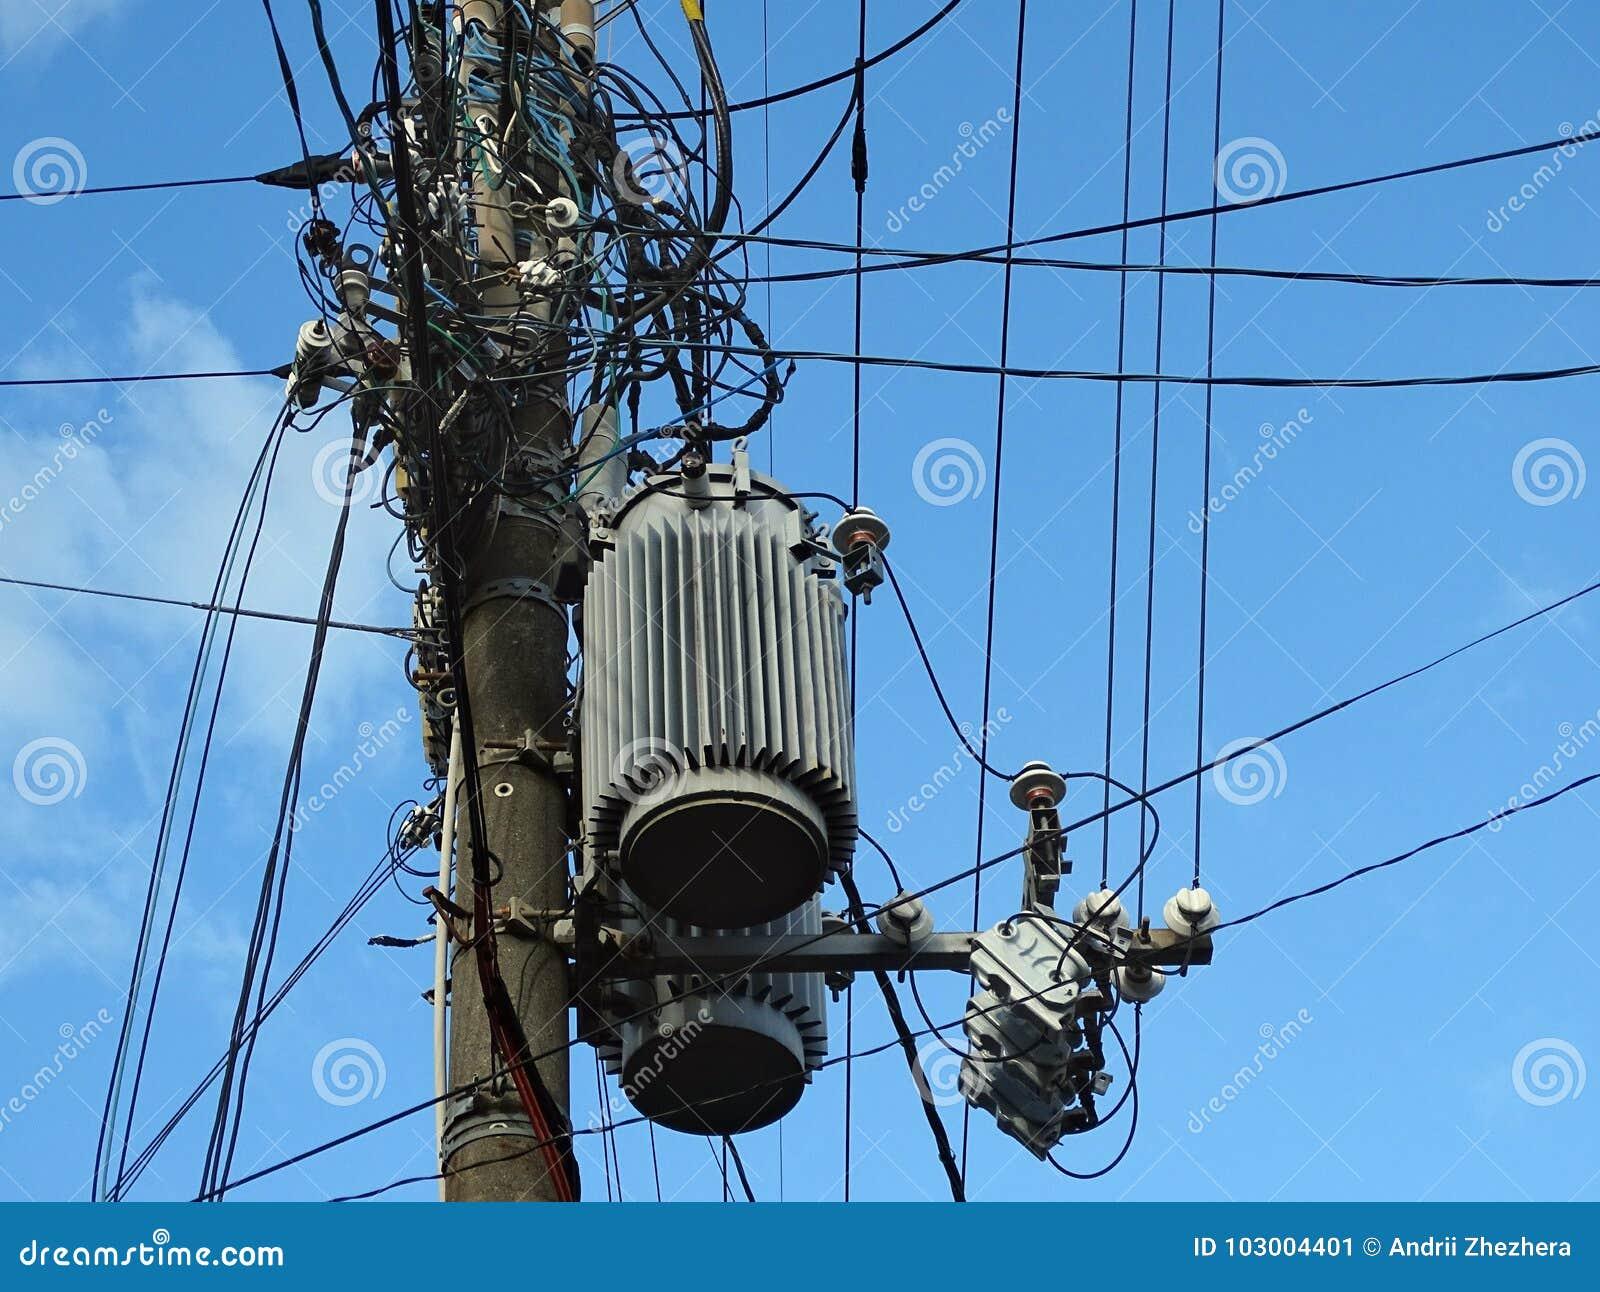 Isoladores da linha de alta tensão, conectores, transformadores e fios tangled